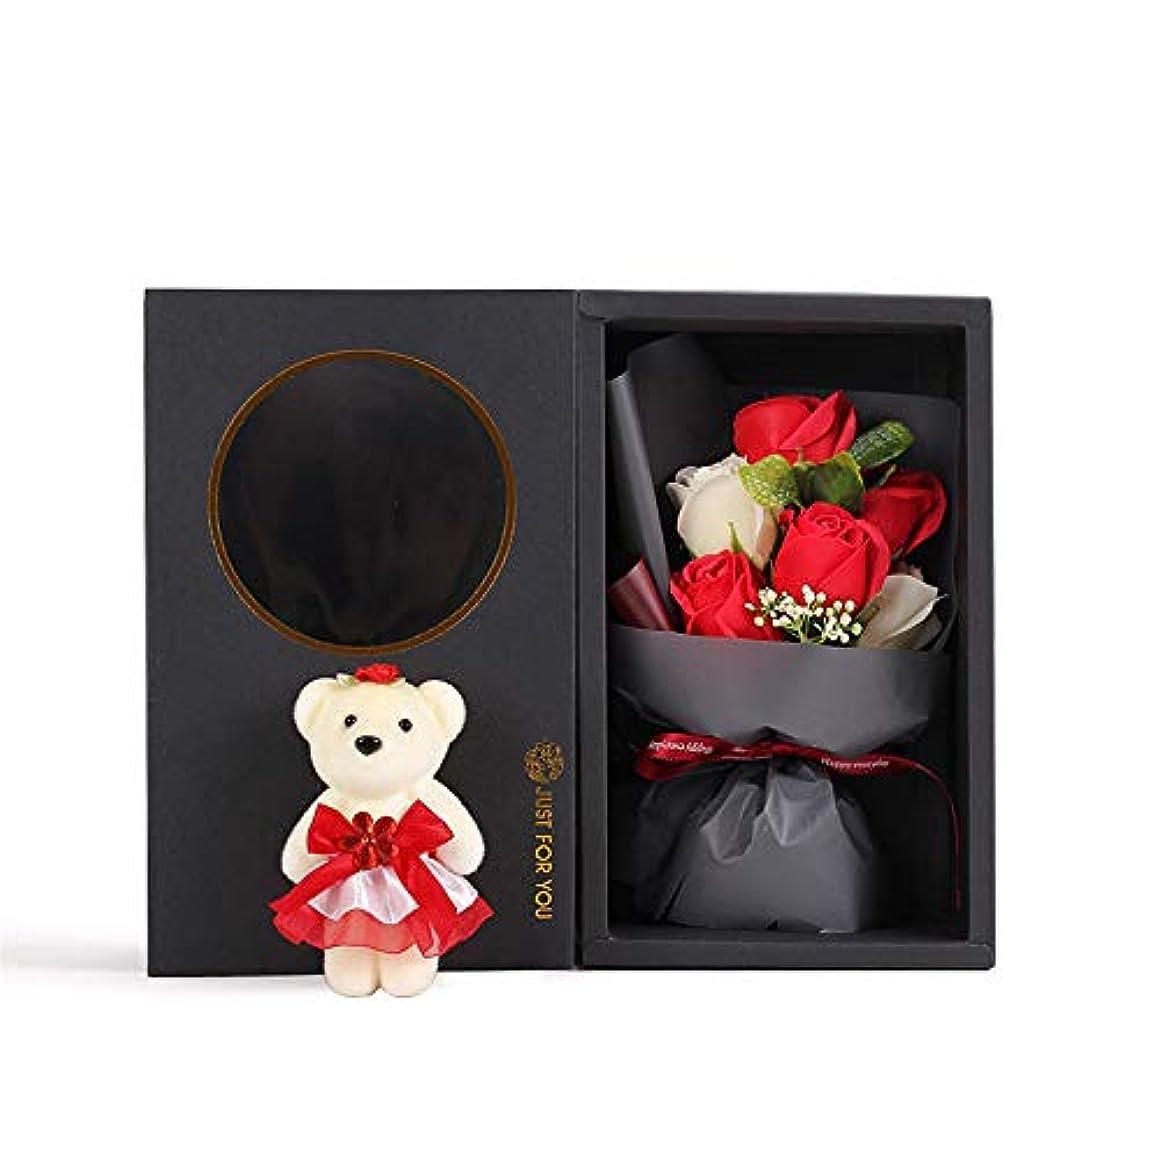 解説過激派叙情的な手作り6石鹸花の花束ギフトボックス、女性のためのギフトあなたがバレンタインデー、母の日、結婚式、クリスマス、誕生日を愛した女の子(ベアカラーランダム) (色 : 赤)